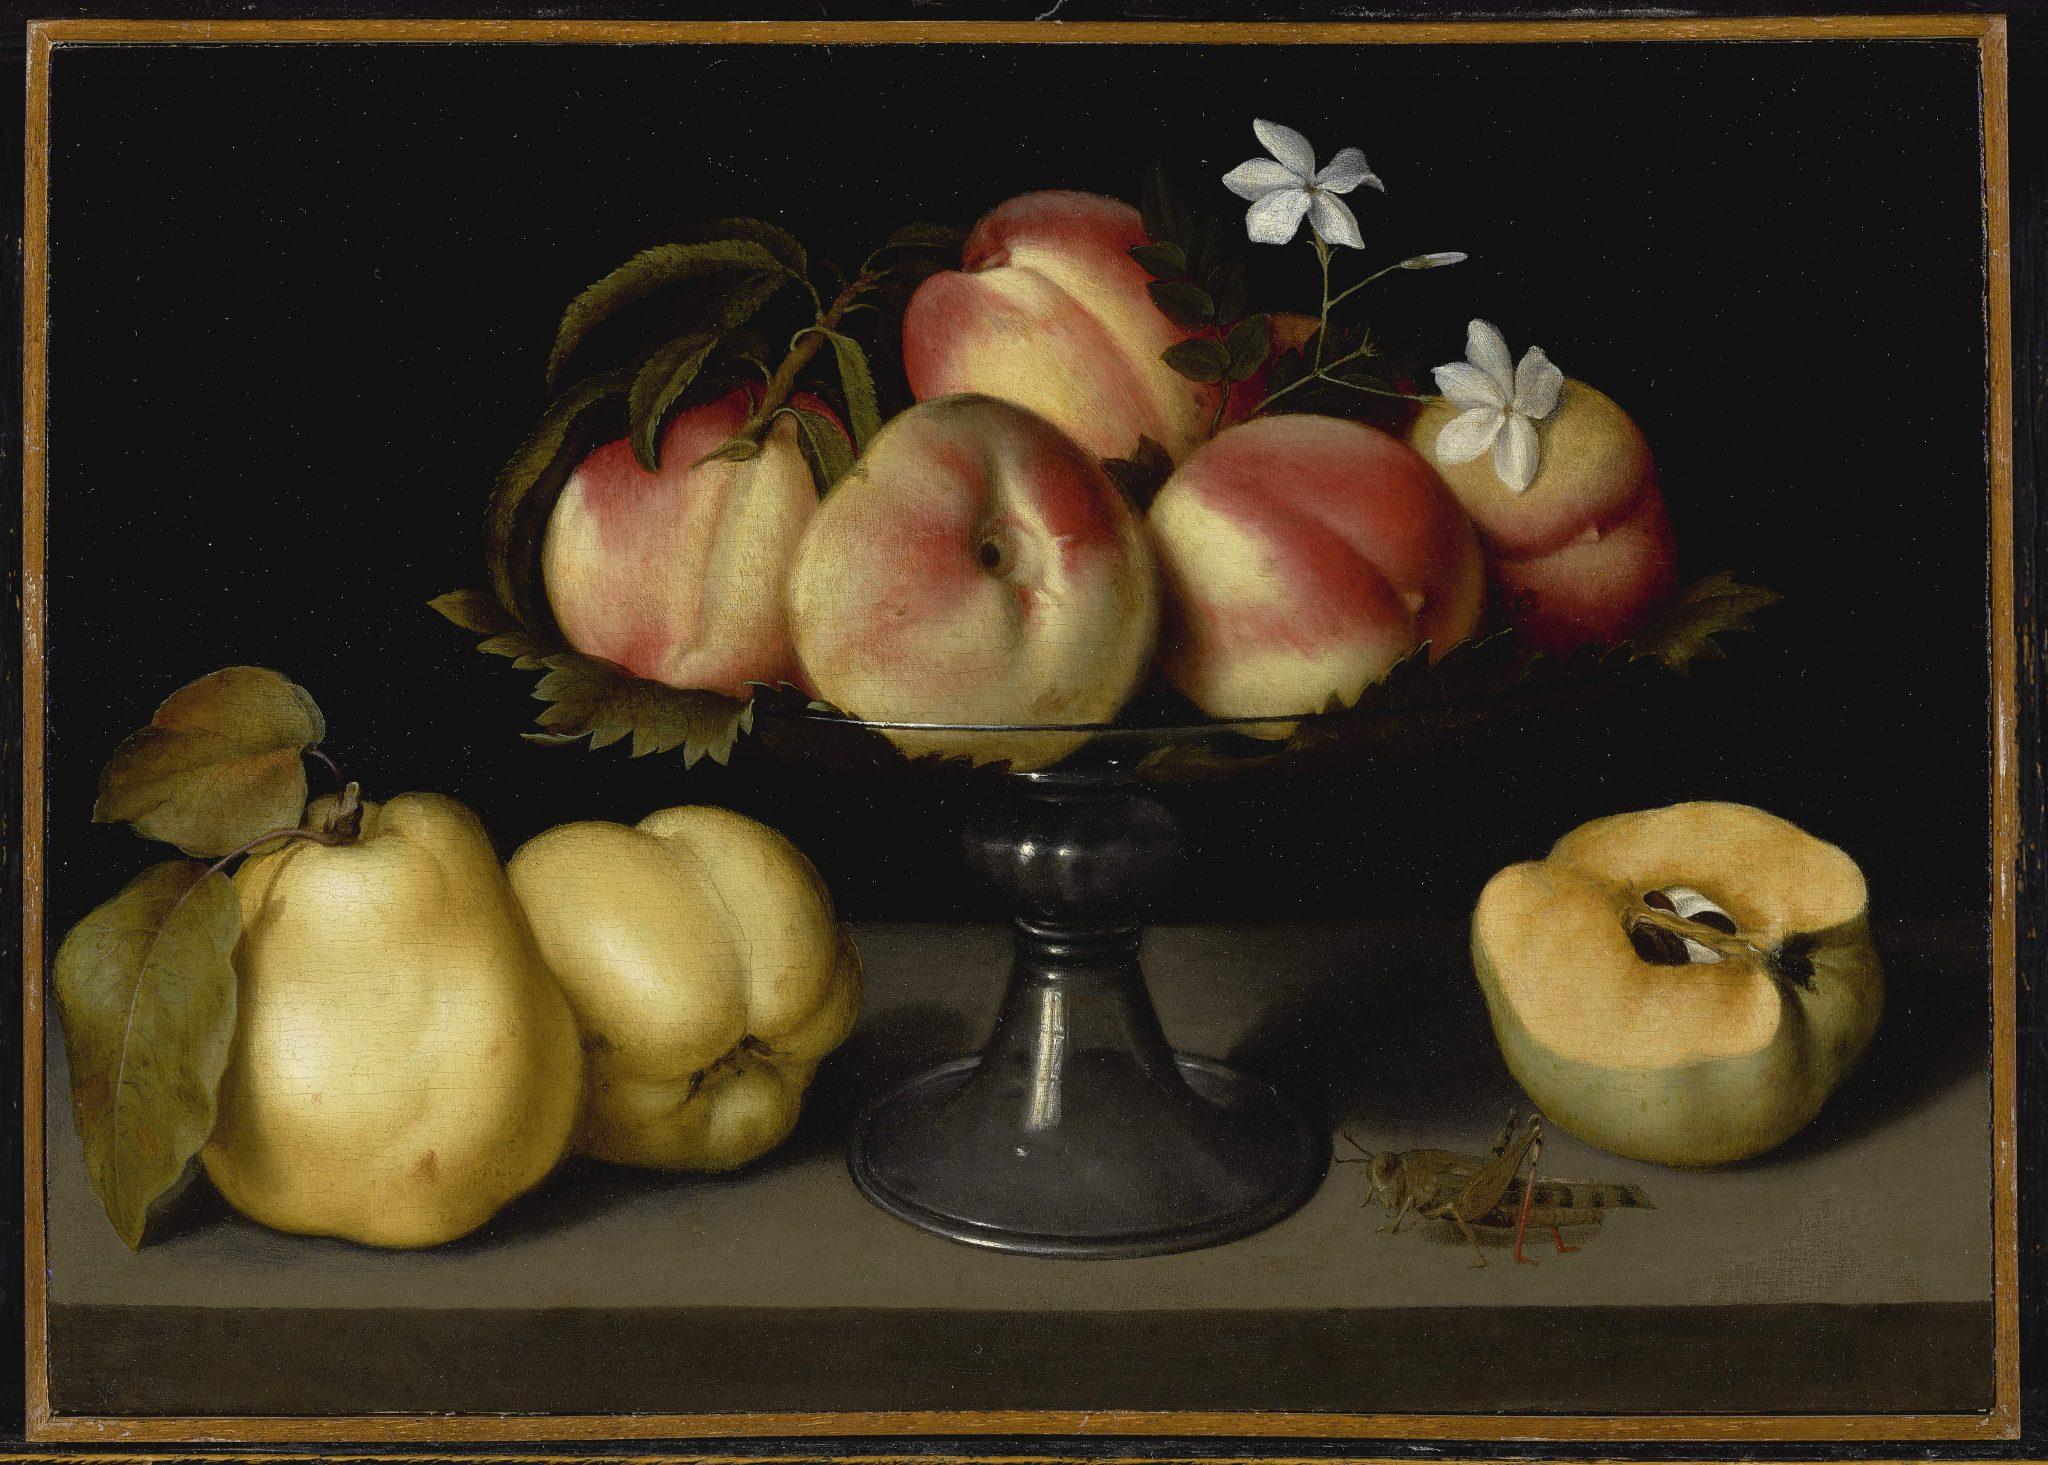 Vaso di vetro con pesche, fiori di gelsomino, mele cotogne e una cavalletta ha una stima di $ 2.000.000 – 3.000.000.